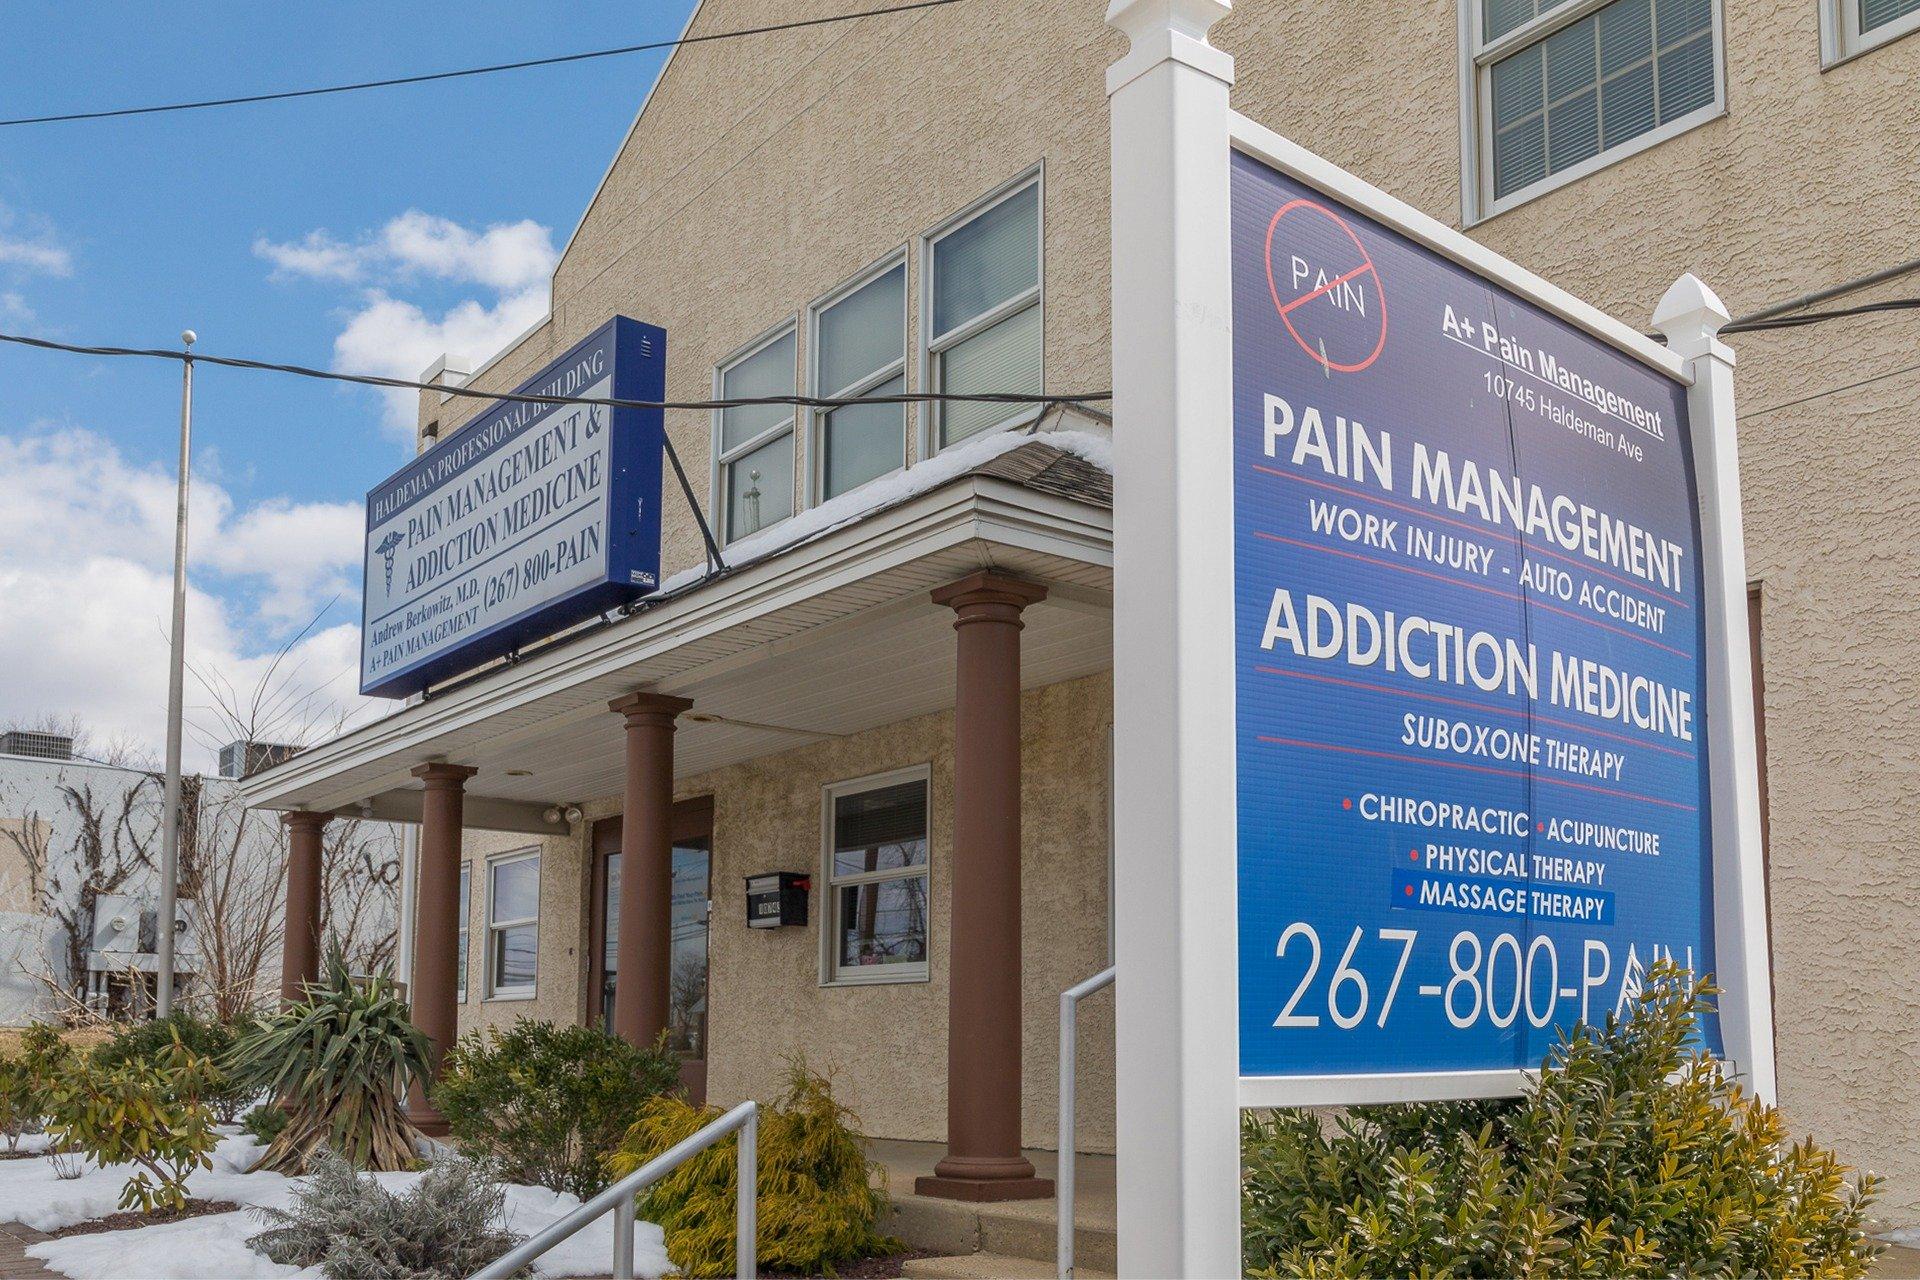 A+ Pain Management Virtual Tour